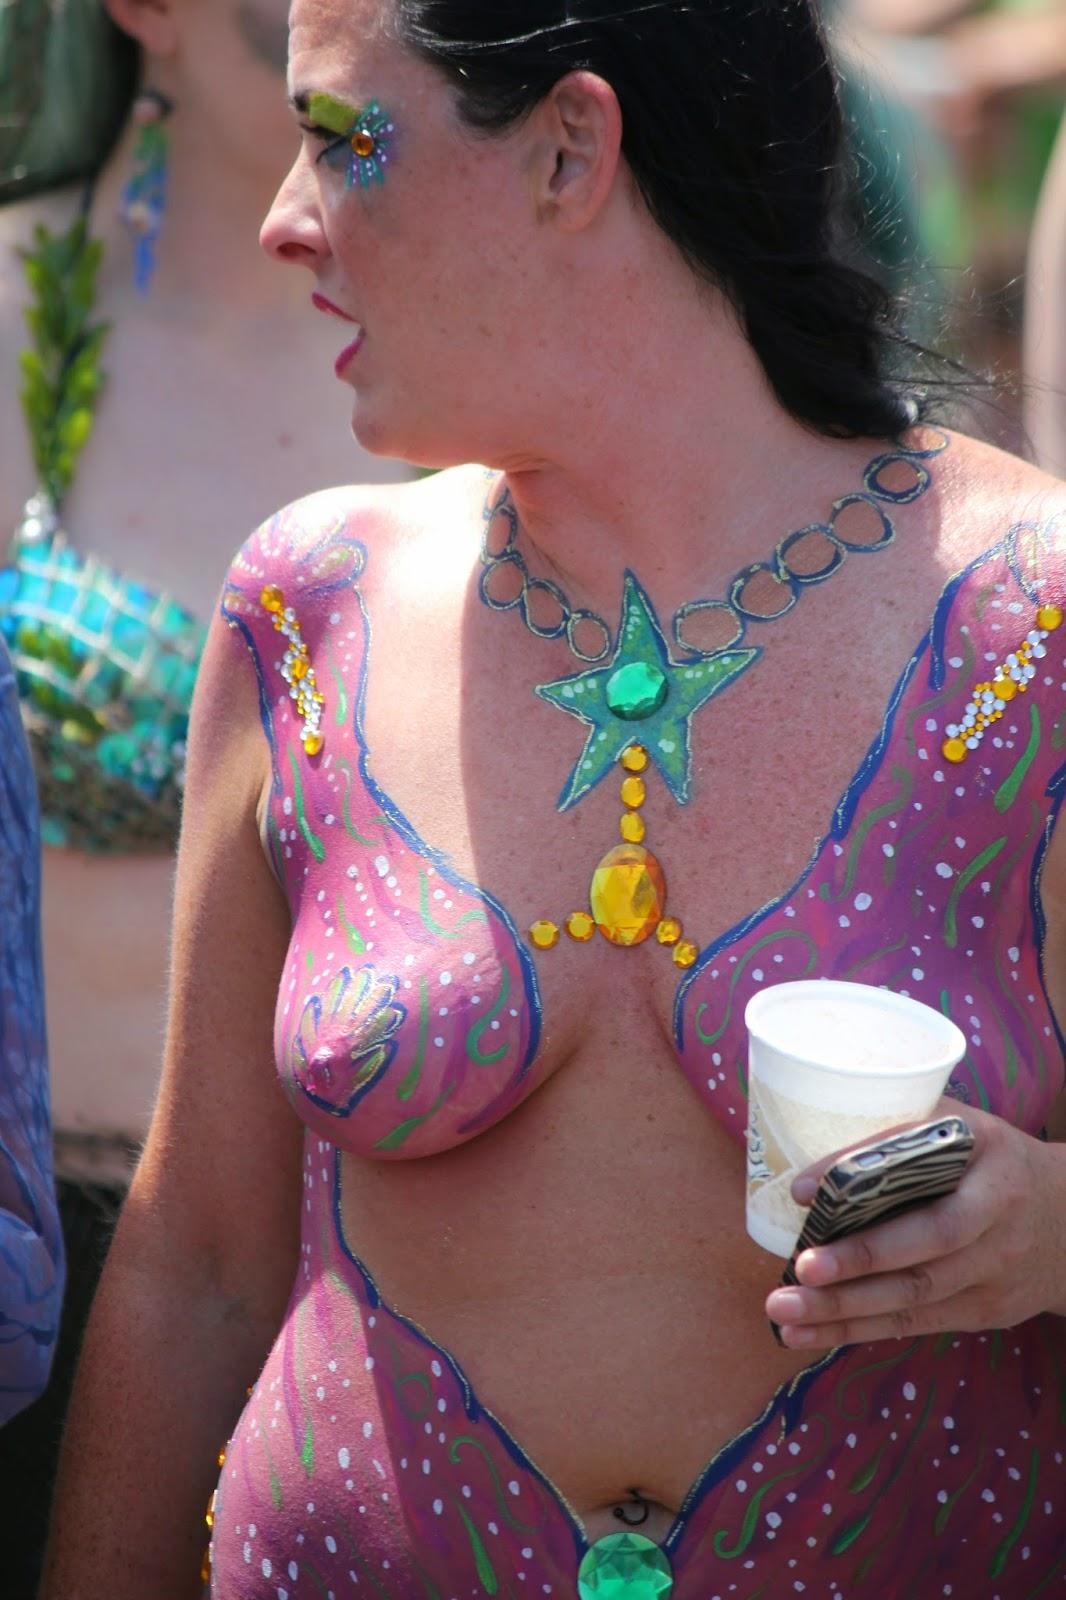 hermosos diseños de pintura corporal sobre el cuerpo de chicas